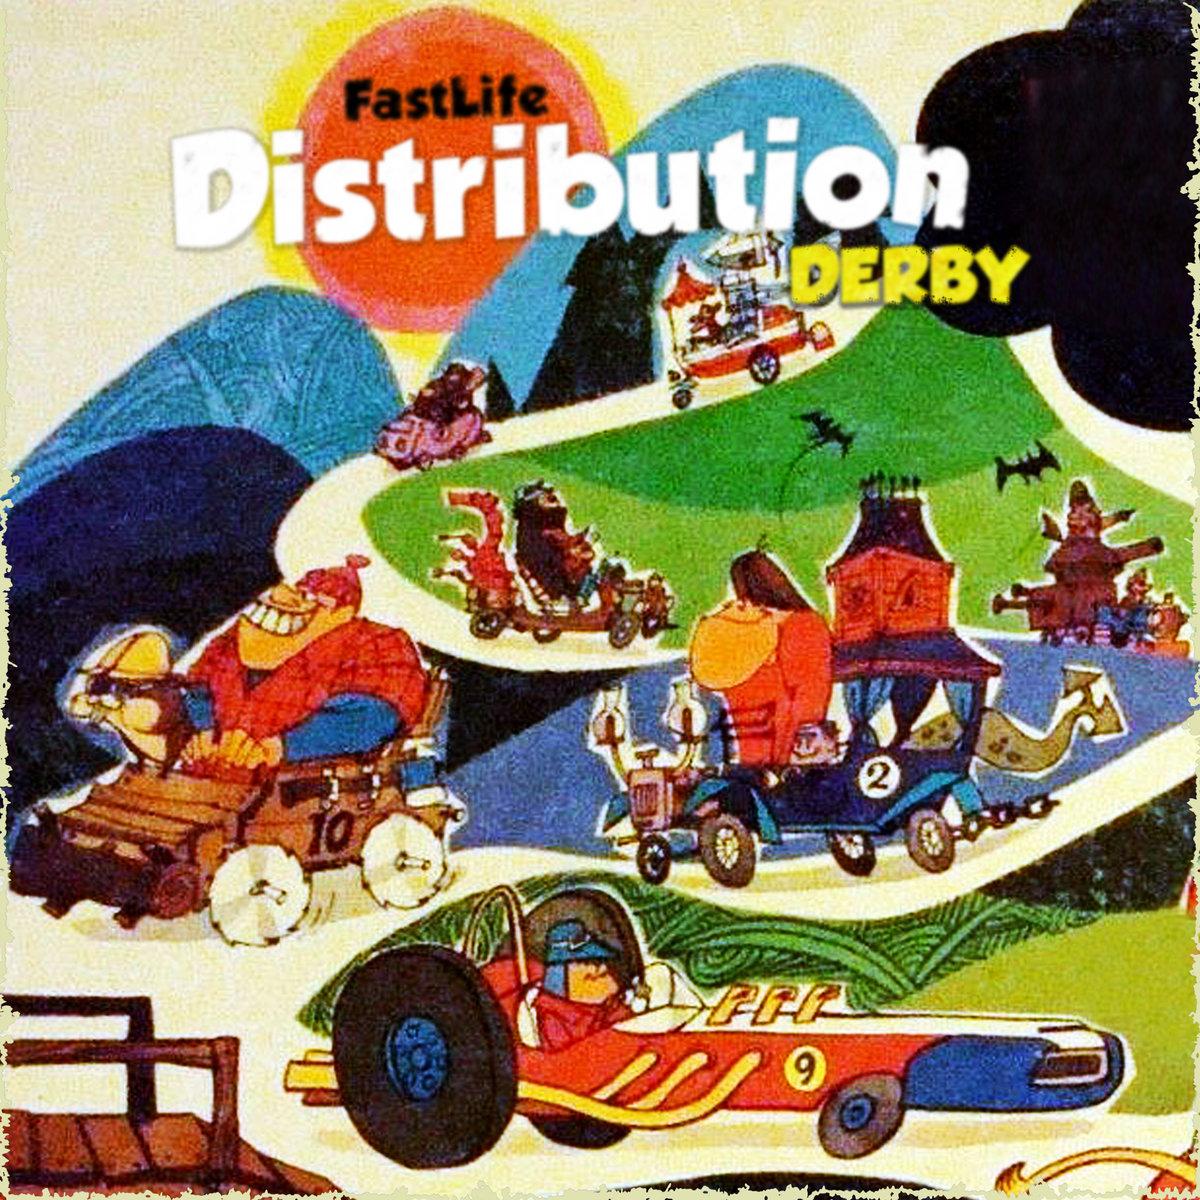 DISTRIBUTION DERBY - FASTLIFE